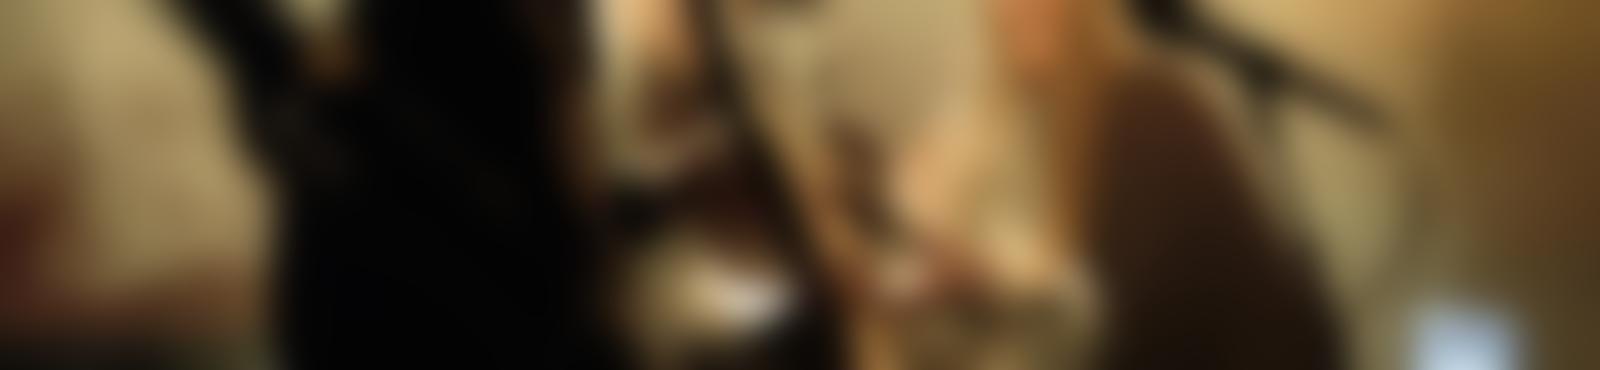 Blurred 97b4651a a5bc 4068 b041 ee579a3d03b5